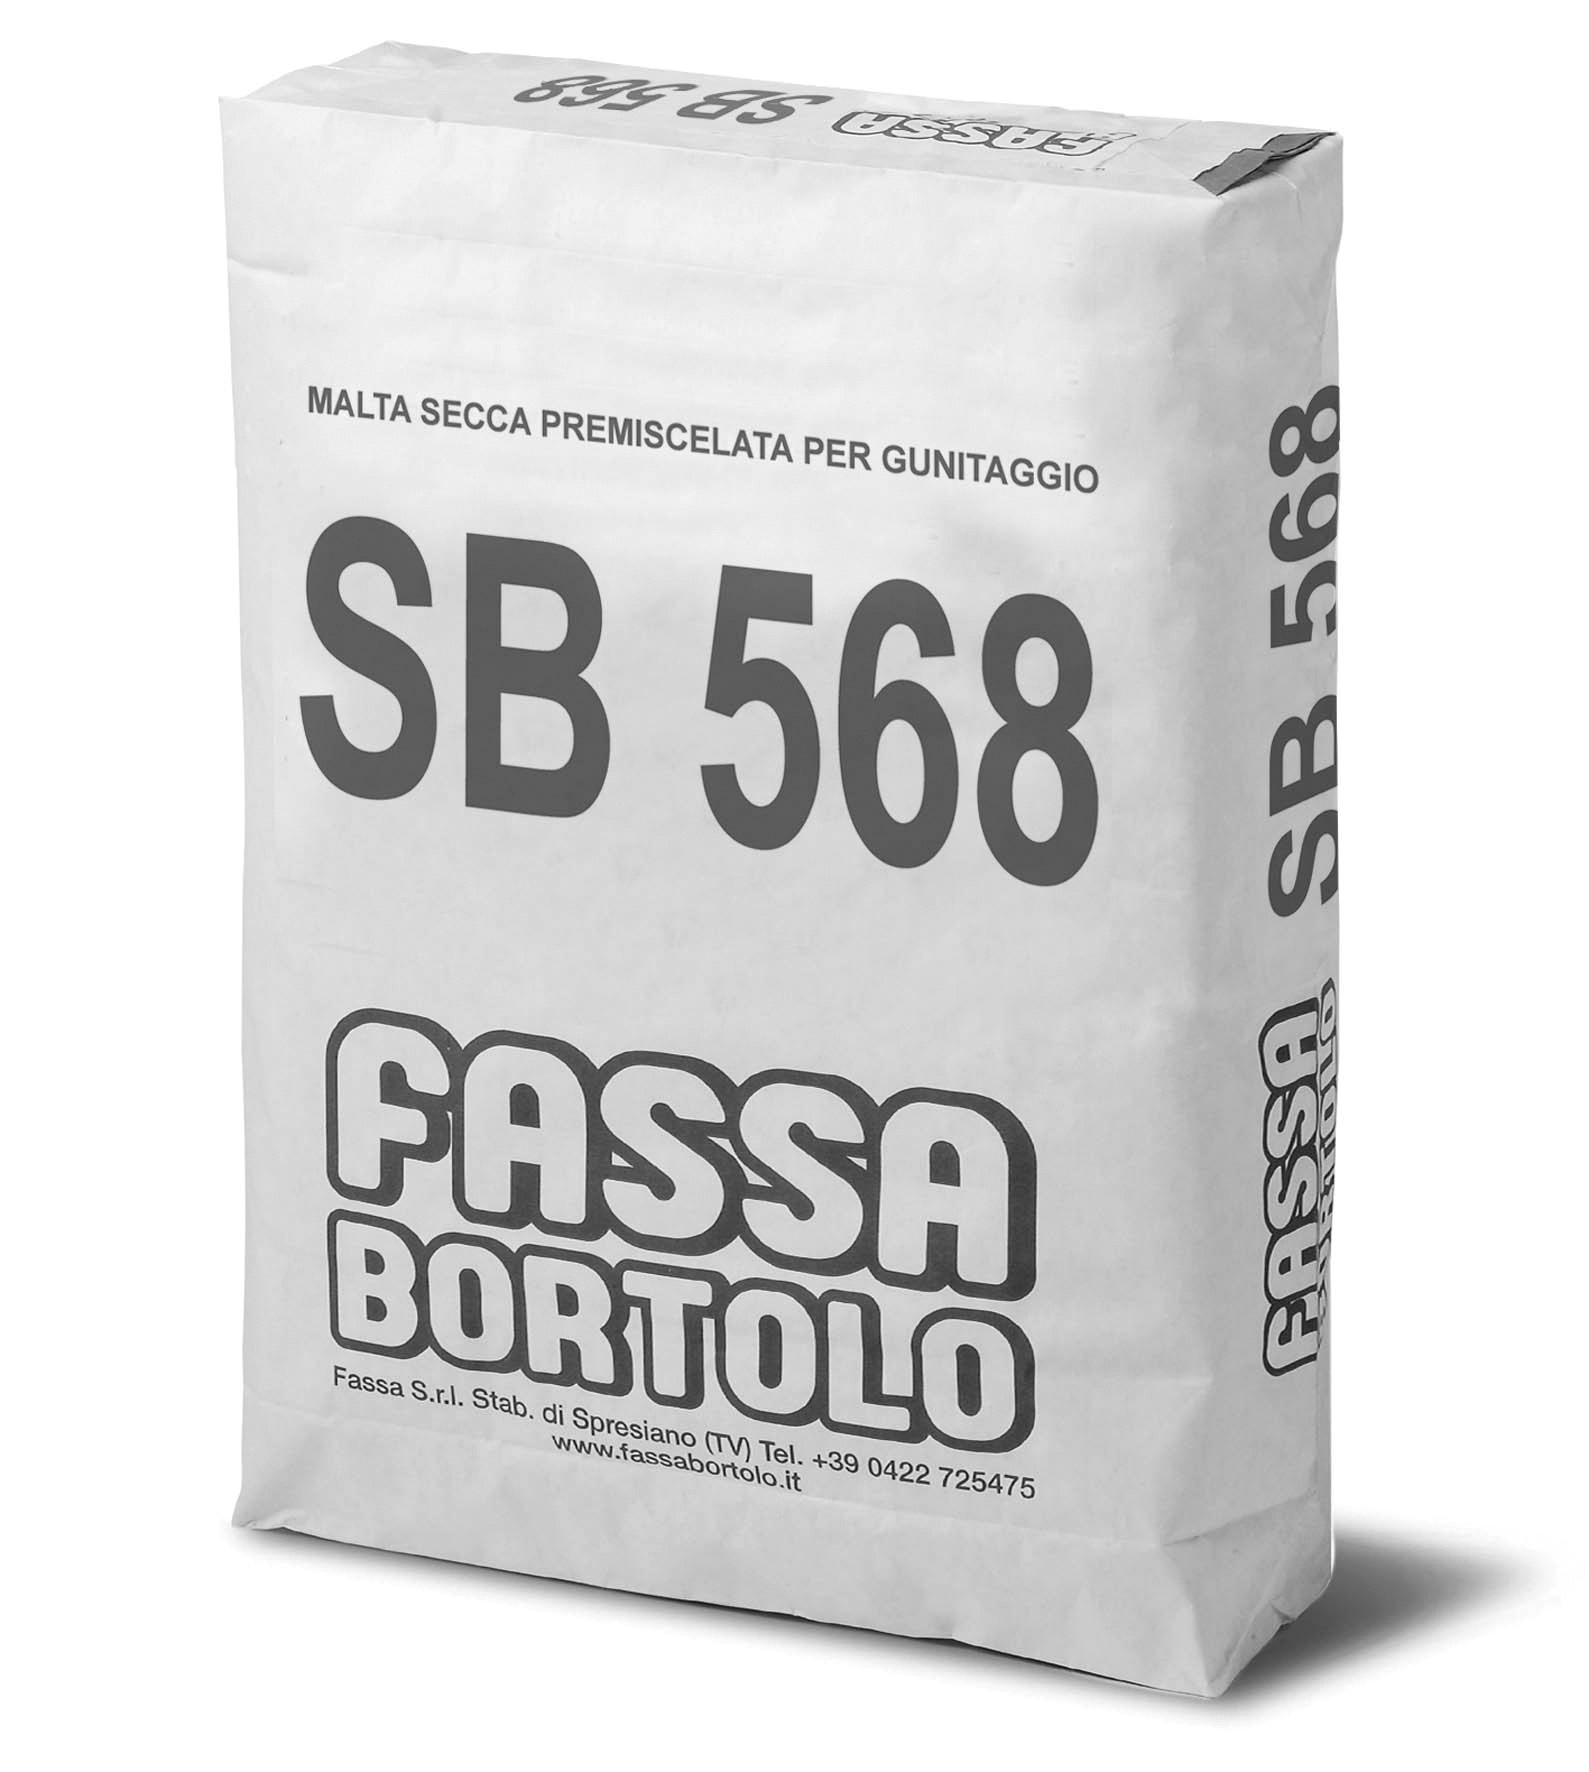 SB 568: Malta secca premiscelata per gunitaggio